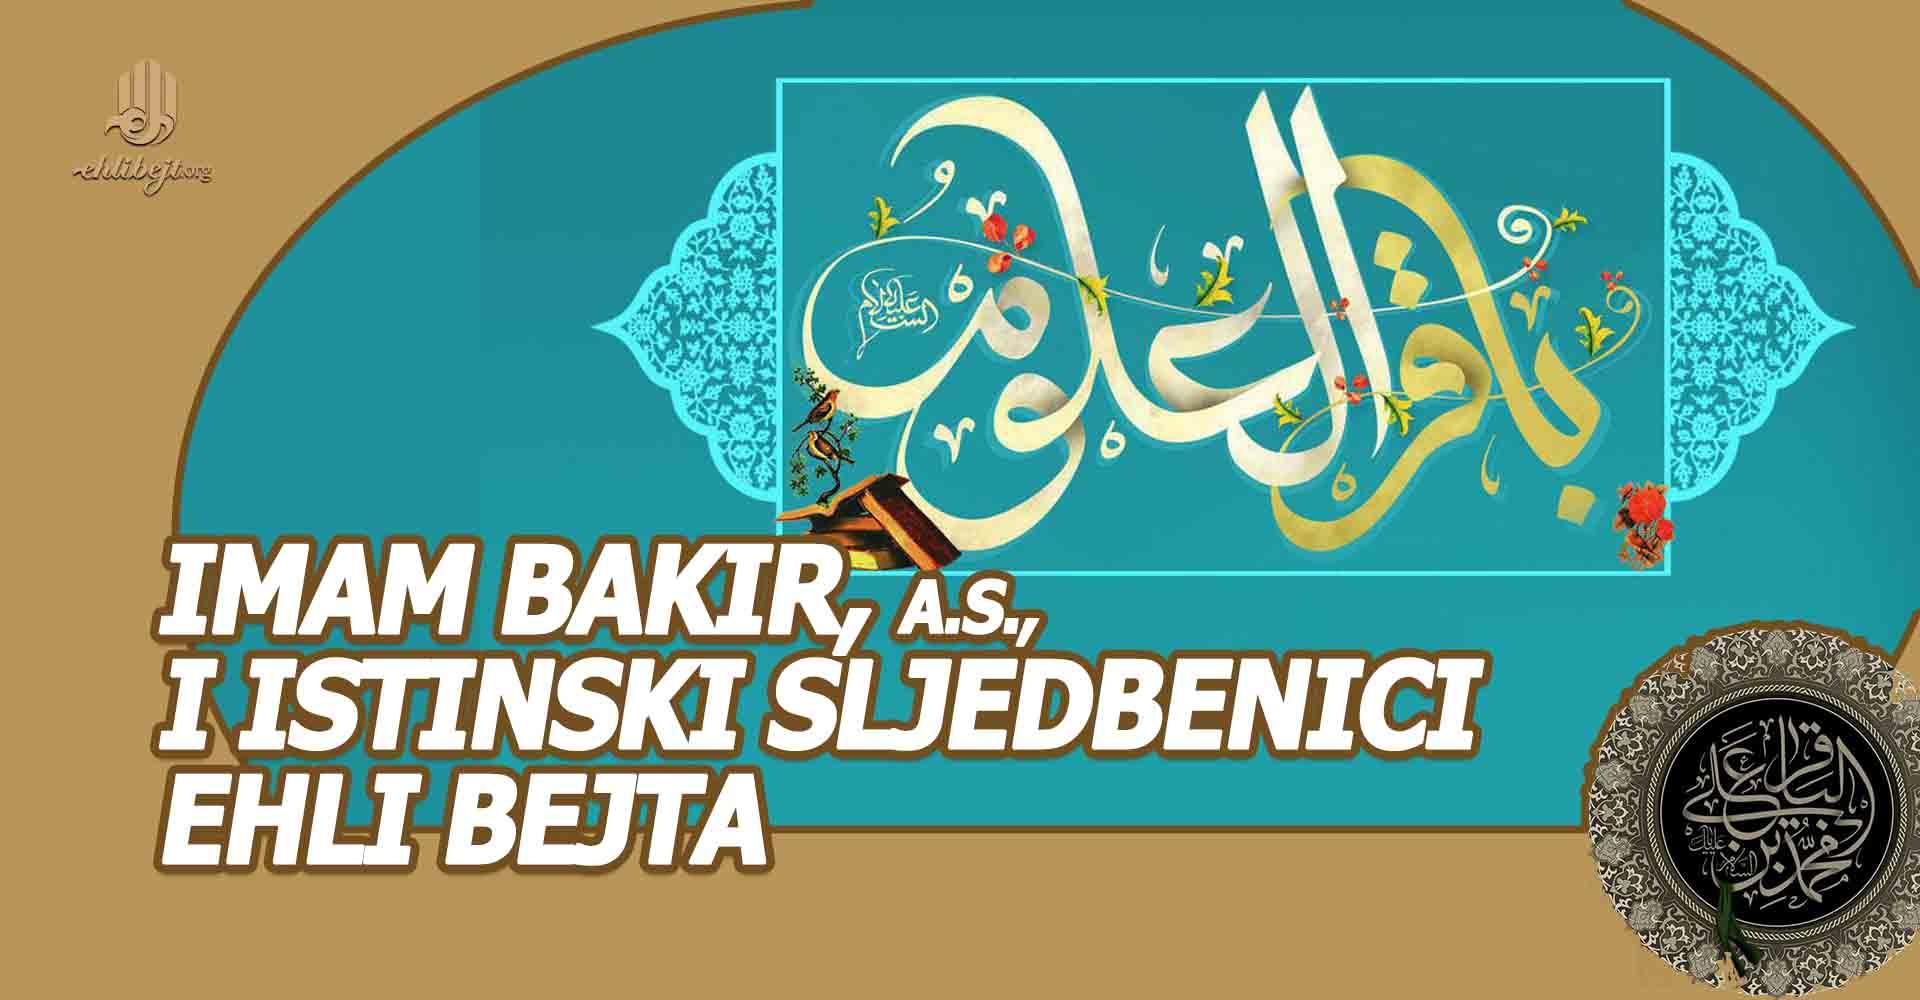 Imam Bakir, a.s., i istinski sljedbenici Ehli bejta